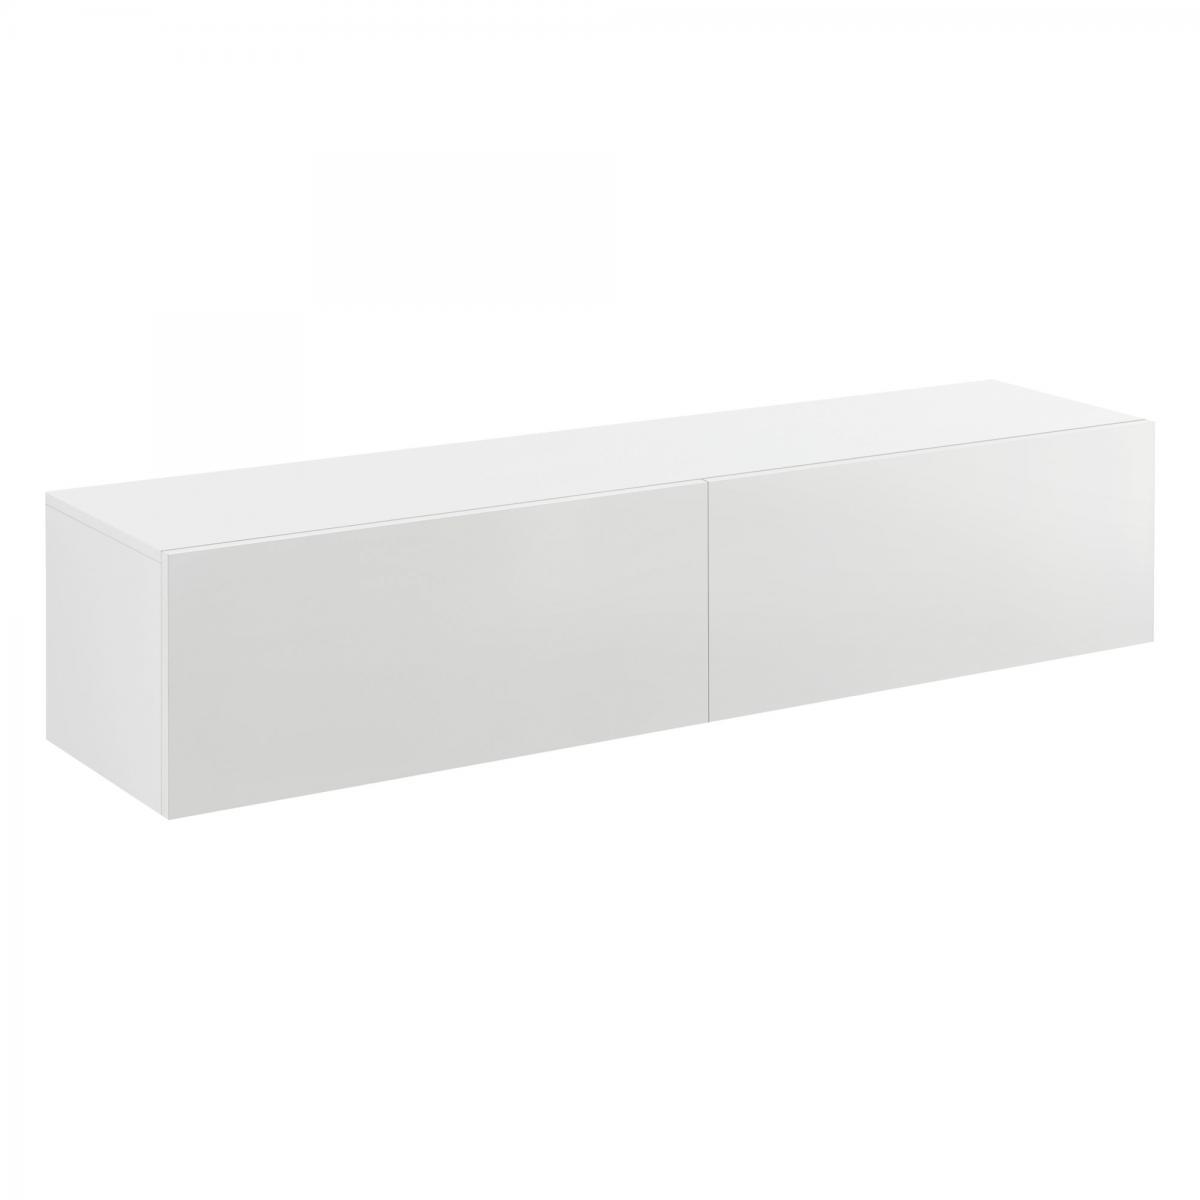 Helloshop26 Étagère murale design meuble support TV avec 2 tiroirs 140 cm blanc 03_0005187